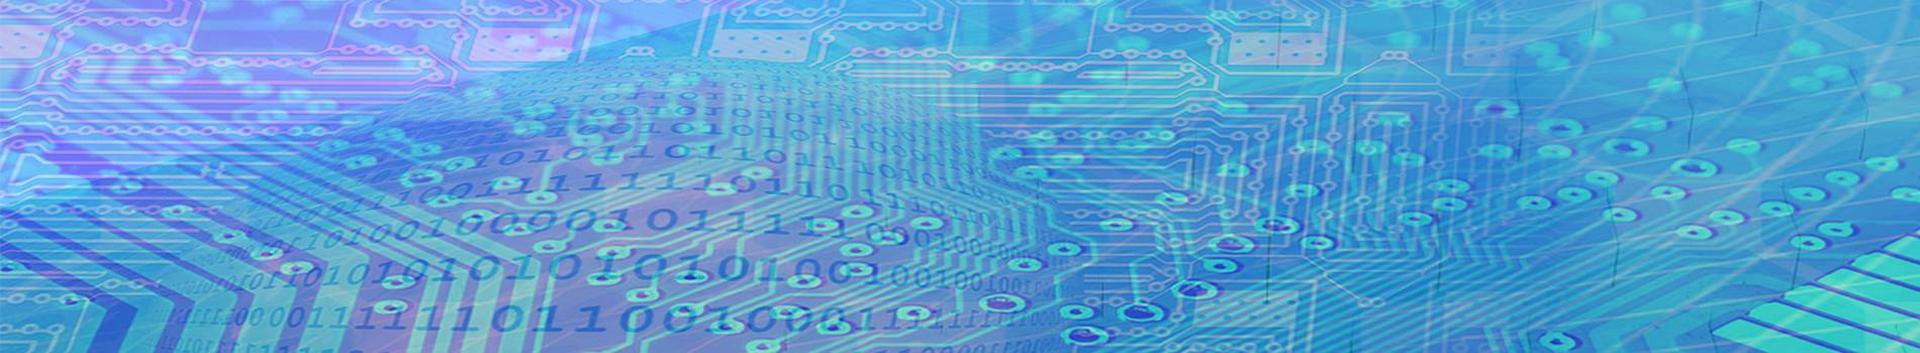 27901_muude-elektriseadmete-tootmine_16797004_xl.jpg